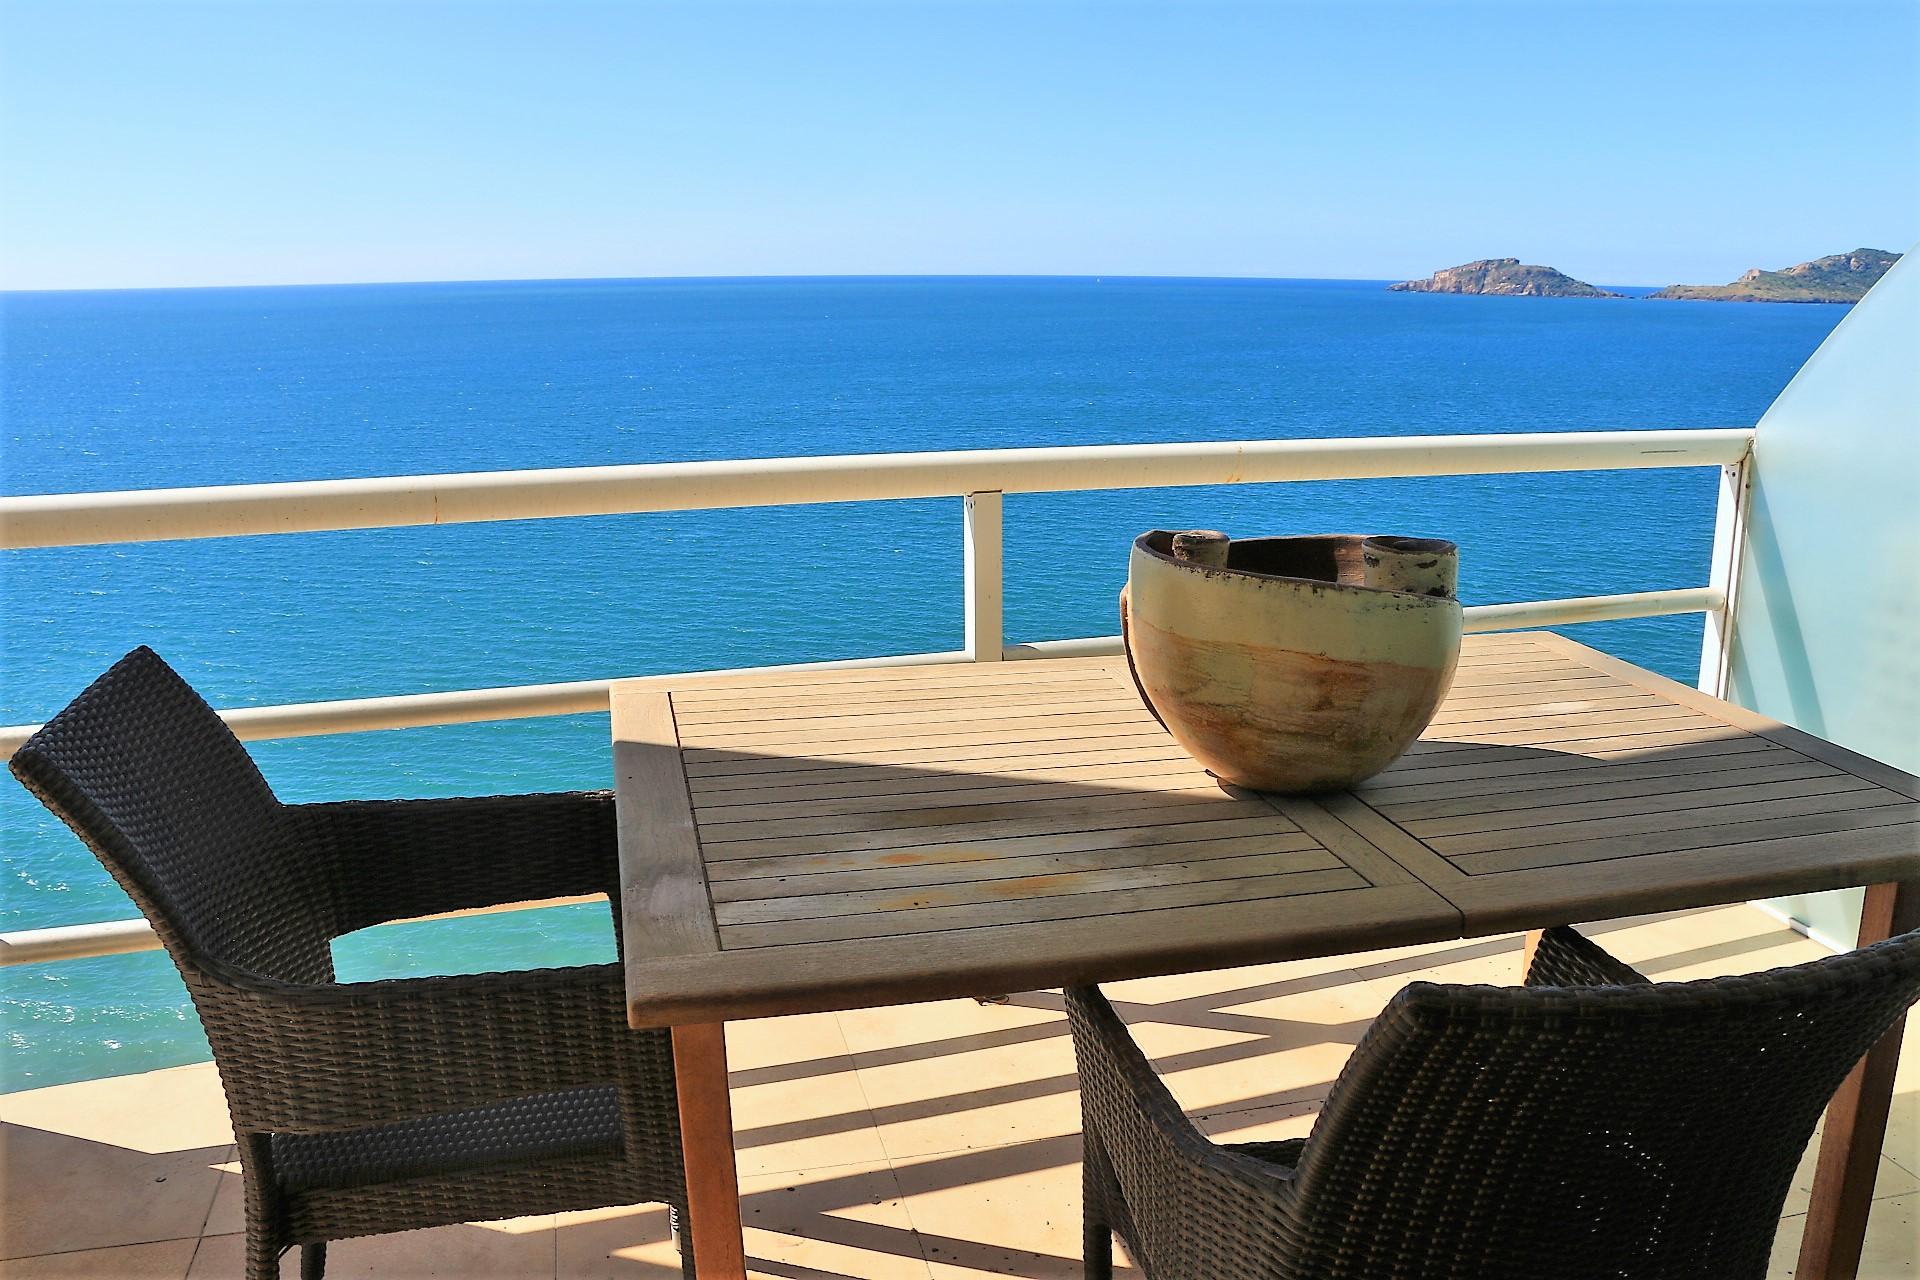 Lujoso condominio con vista al mar en Torre Azul